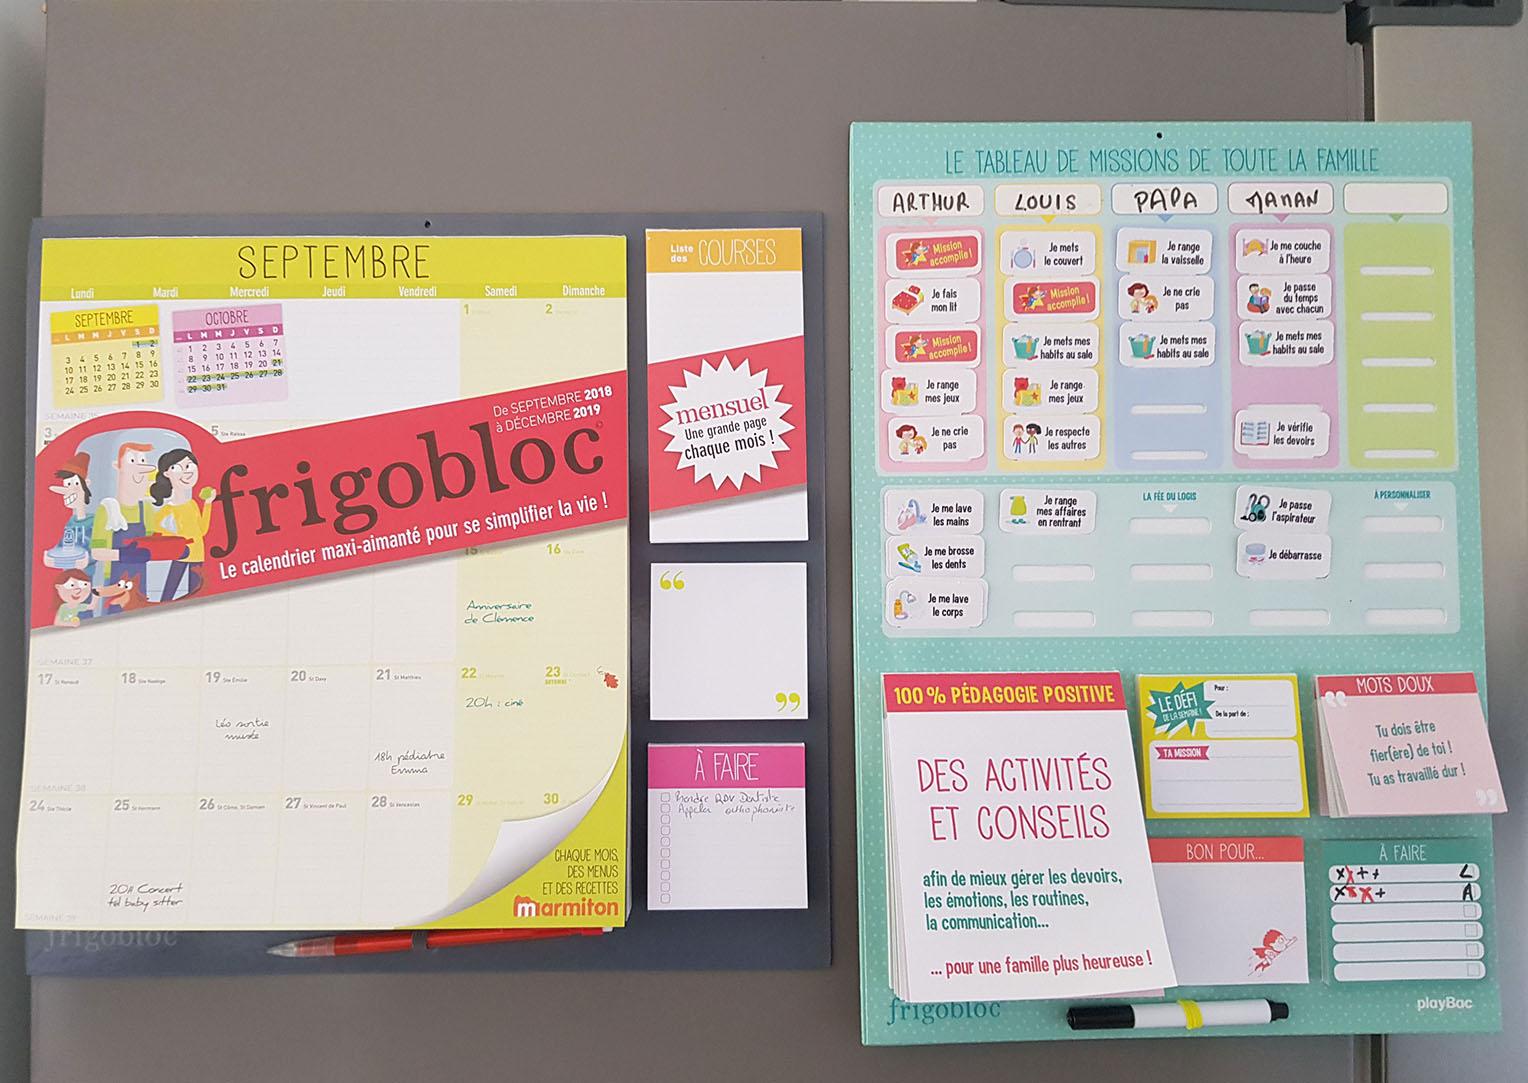 frigobloc organisateur familial